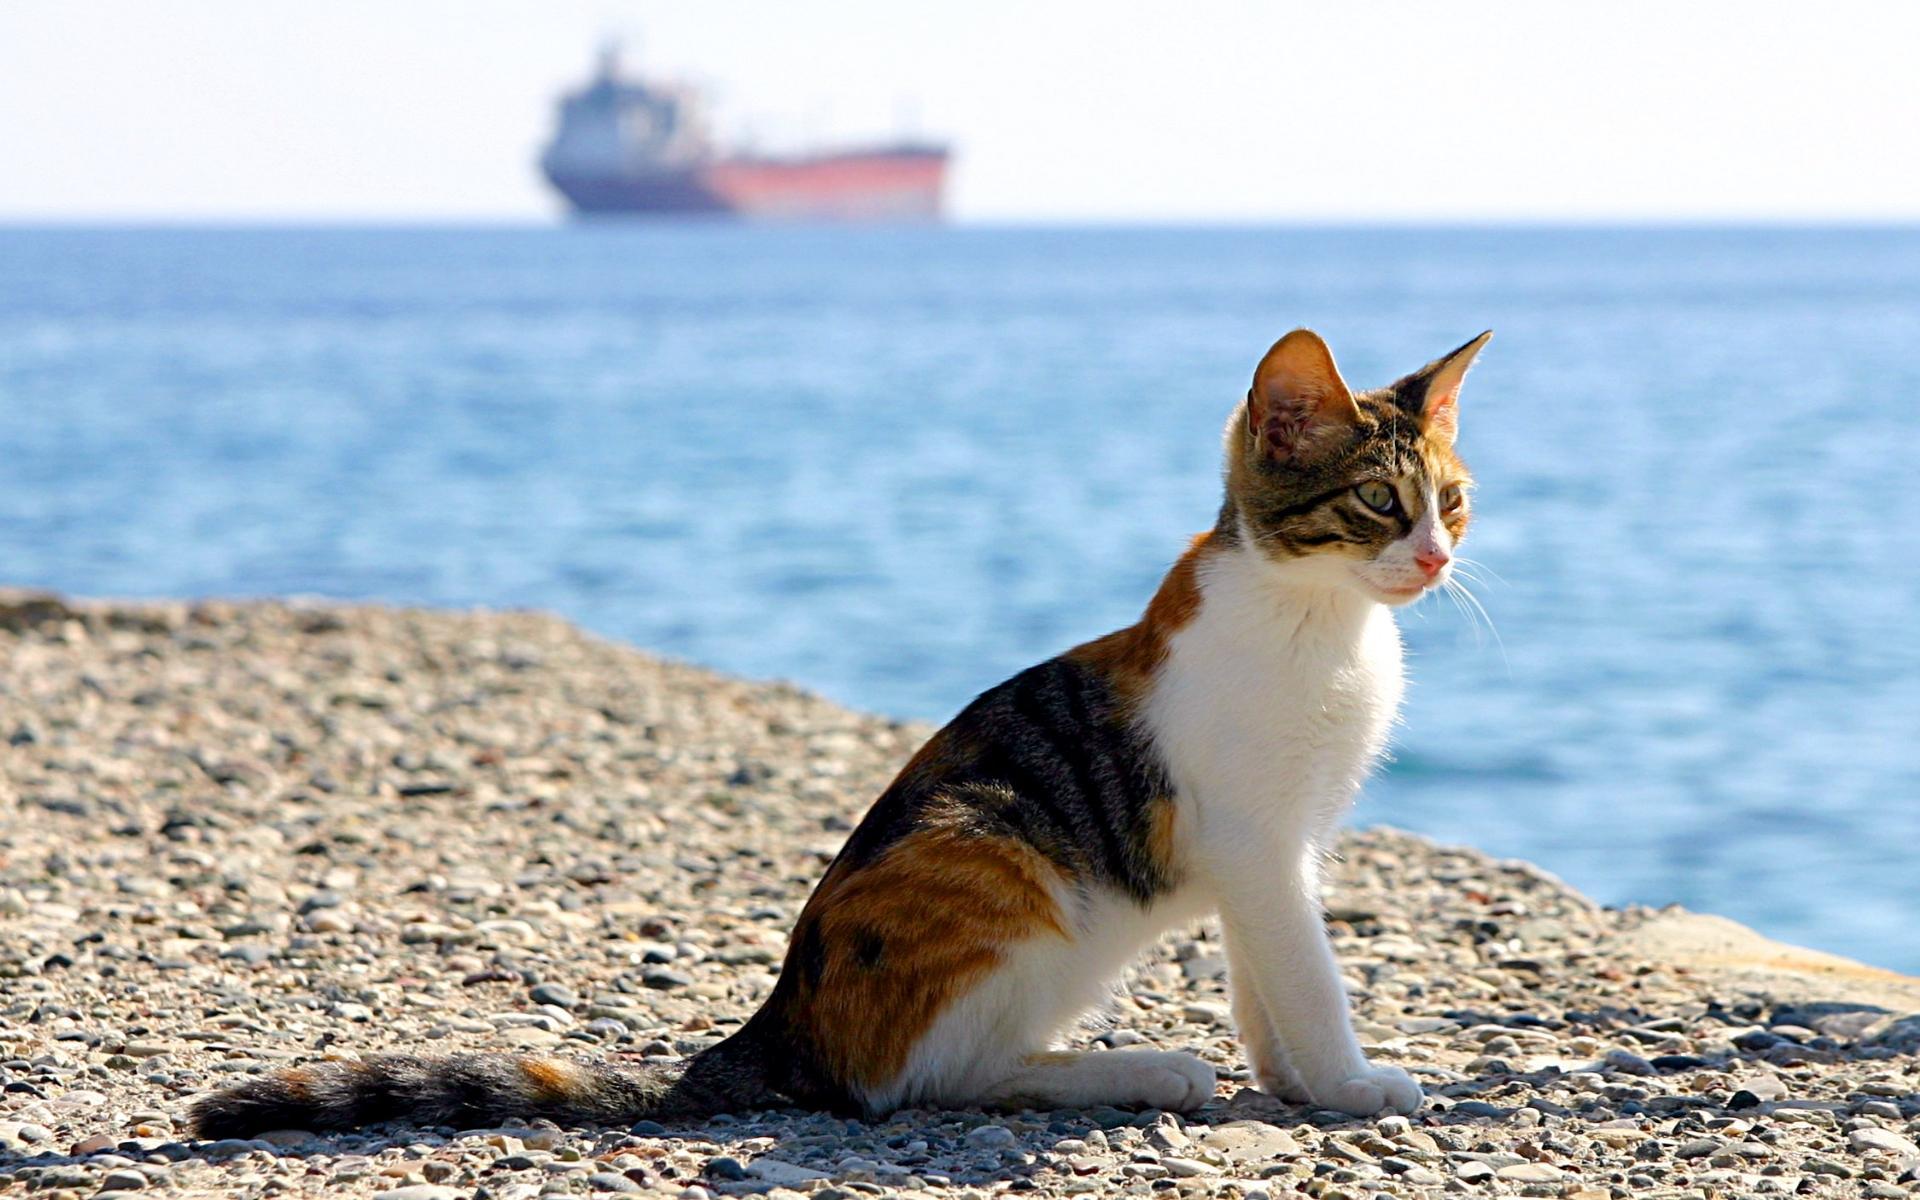 воспитании девочек картинки котята в море выполнен арендаторами